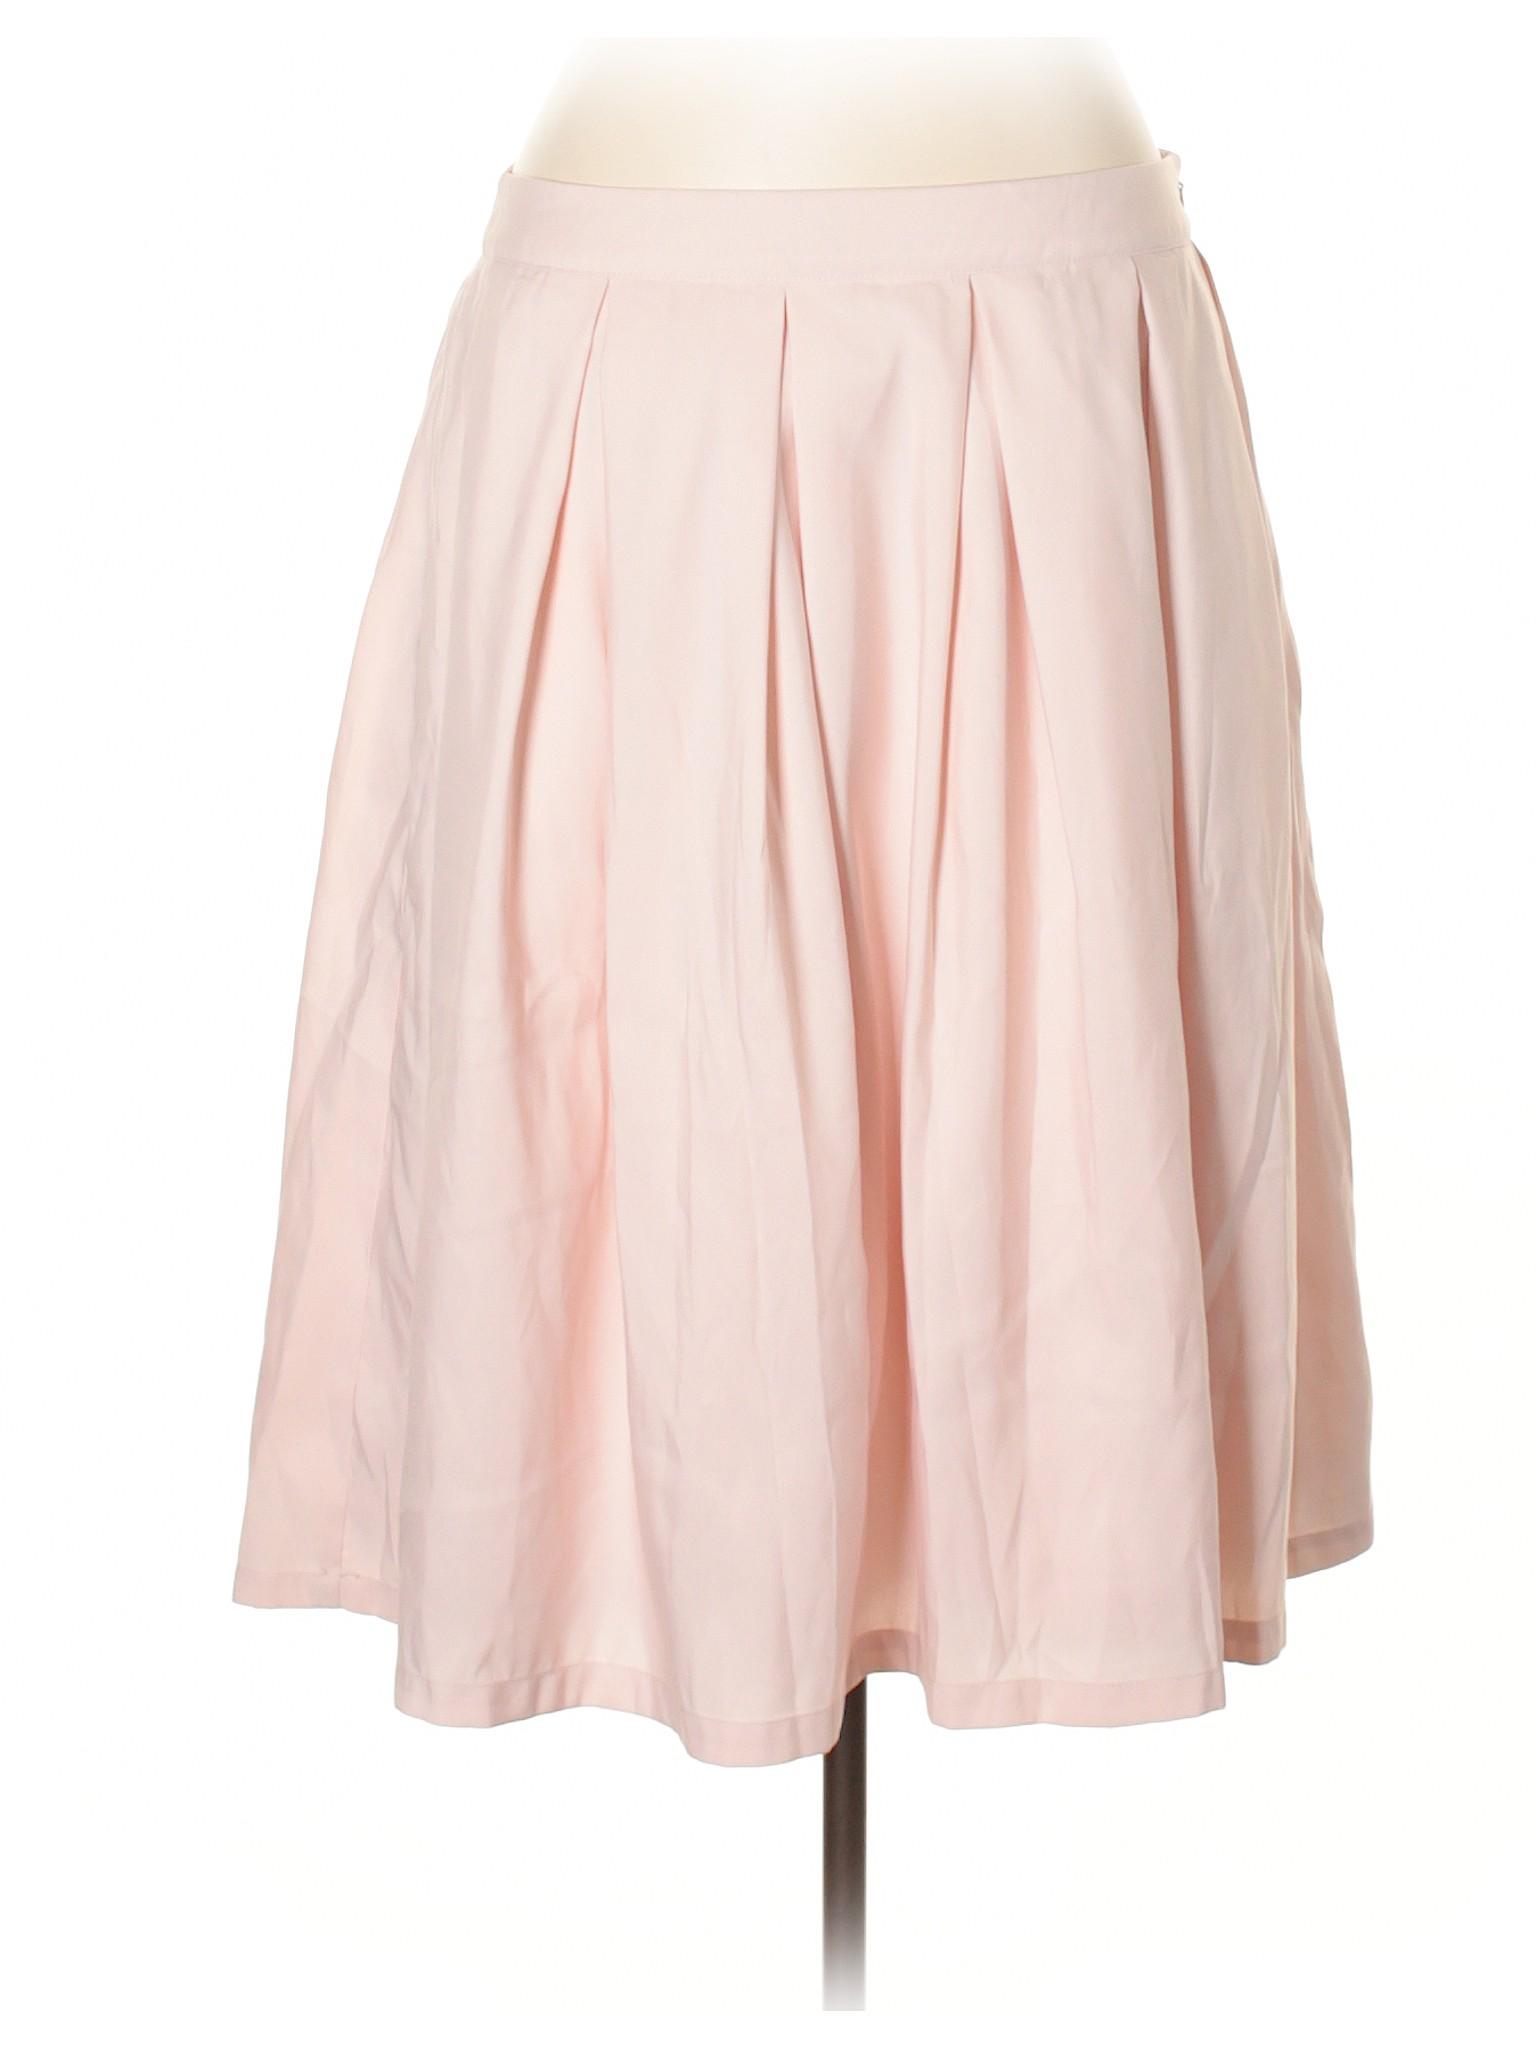 Casual 21 21 Skirt Skirt Casual Forever Forever 21 Boutique Boutique Forever Boutique x6Xwq6